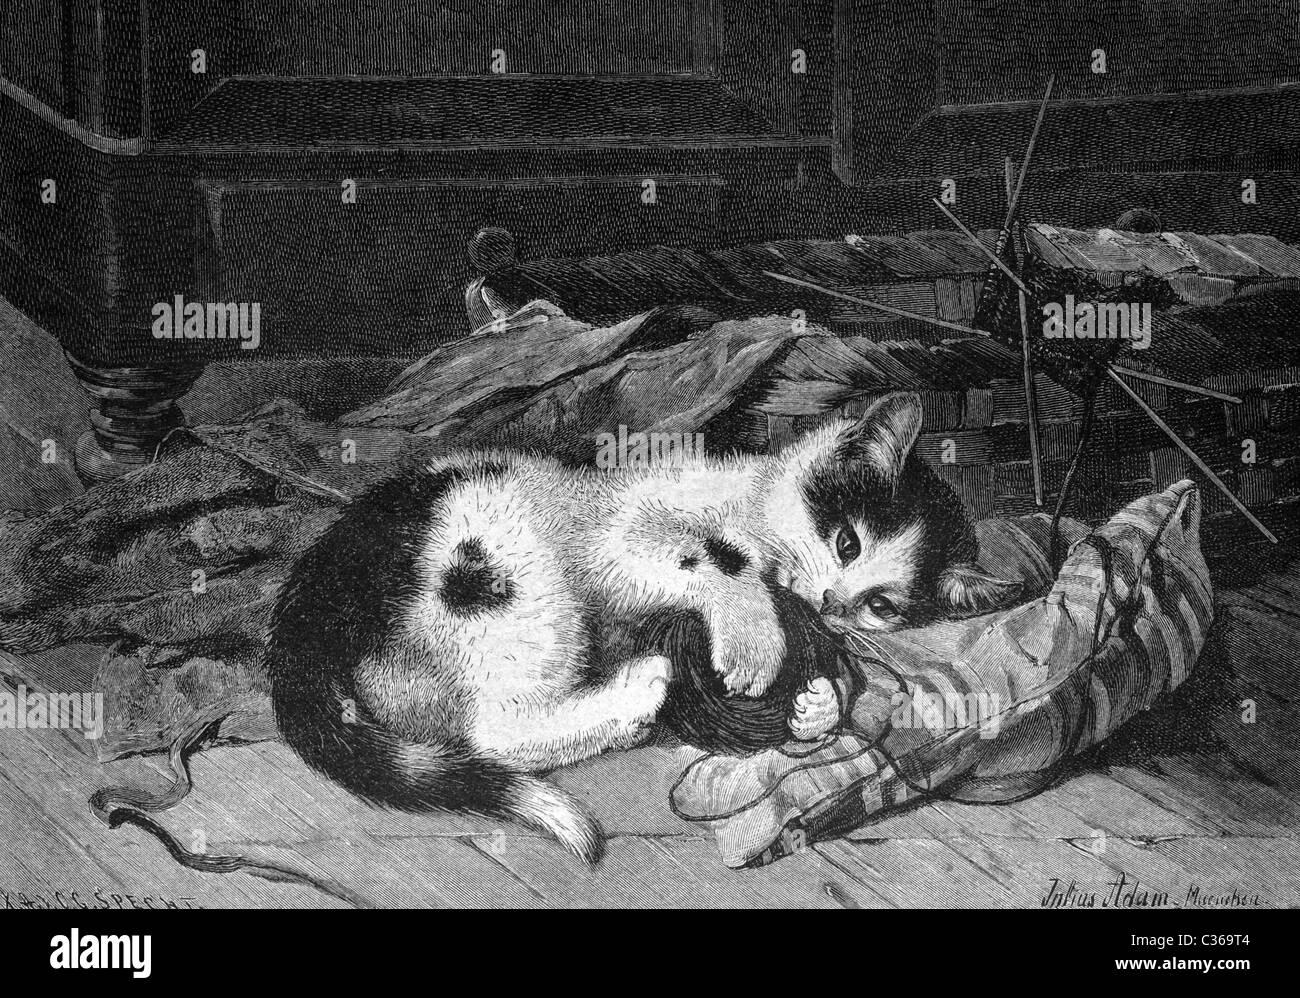 sleeping cat, historical image 1886 - Stock Image